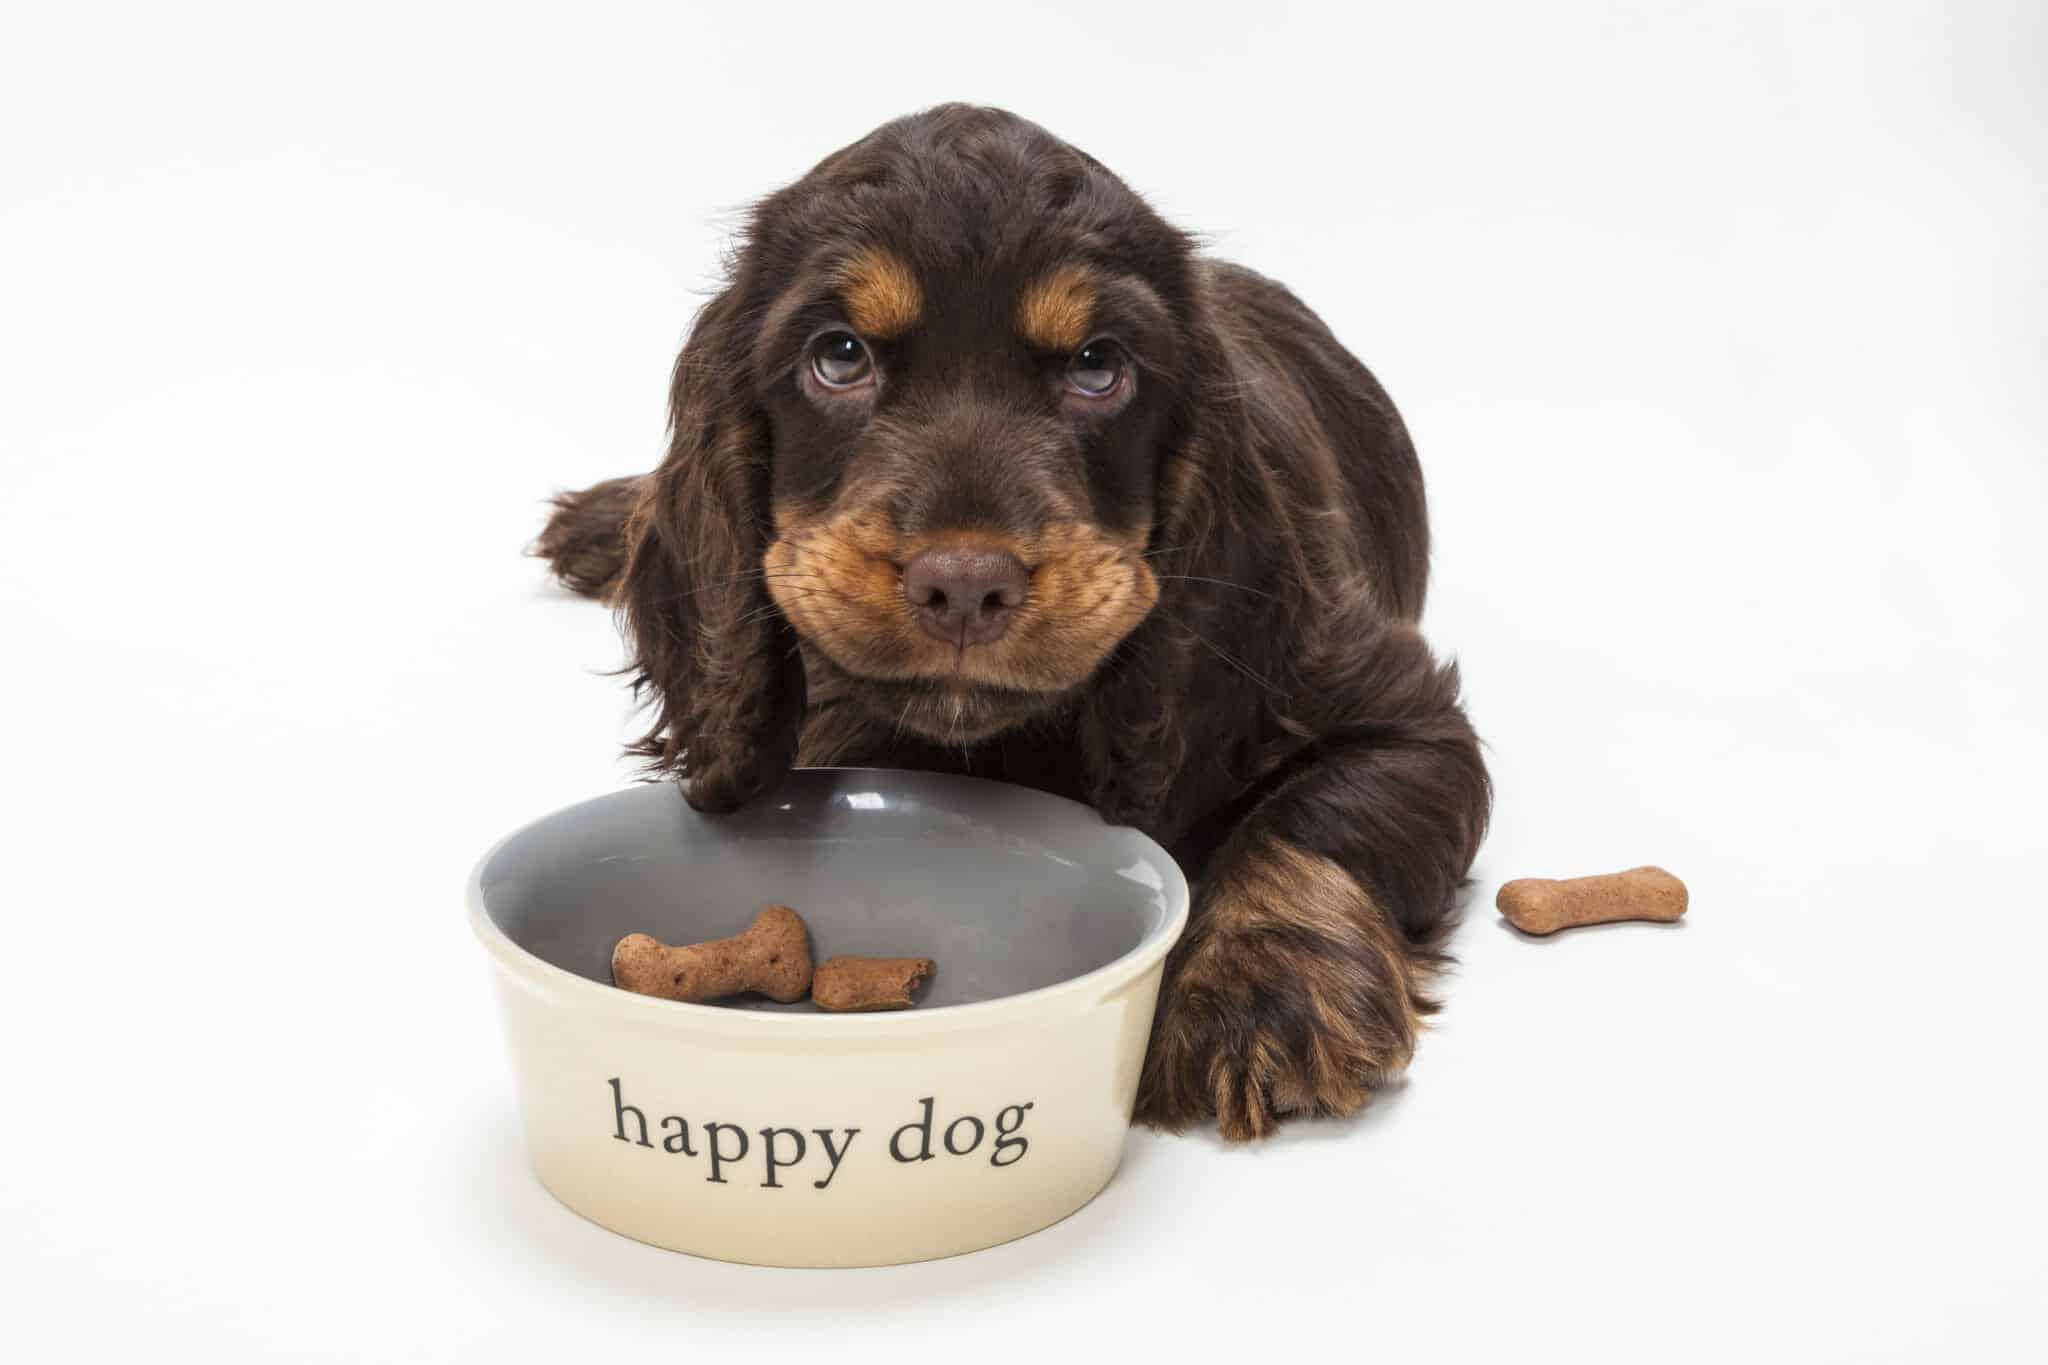 Dog at bowl